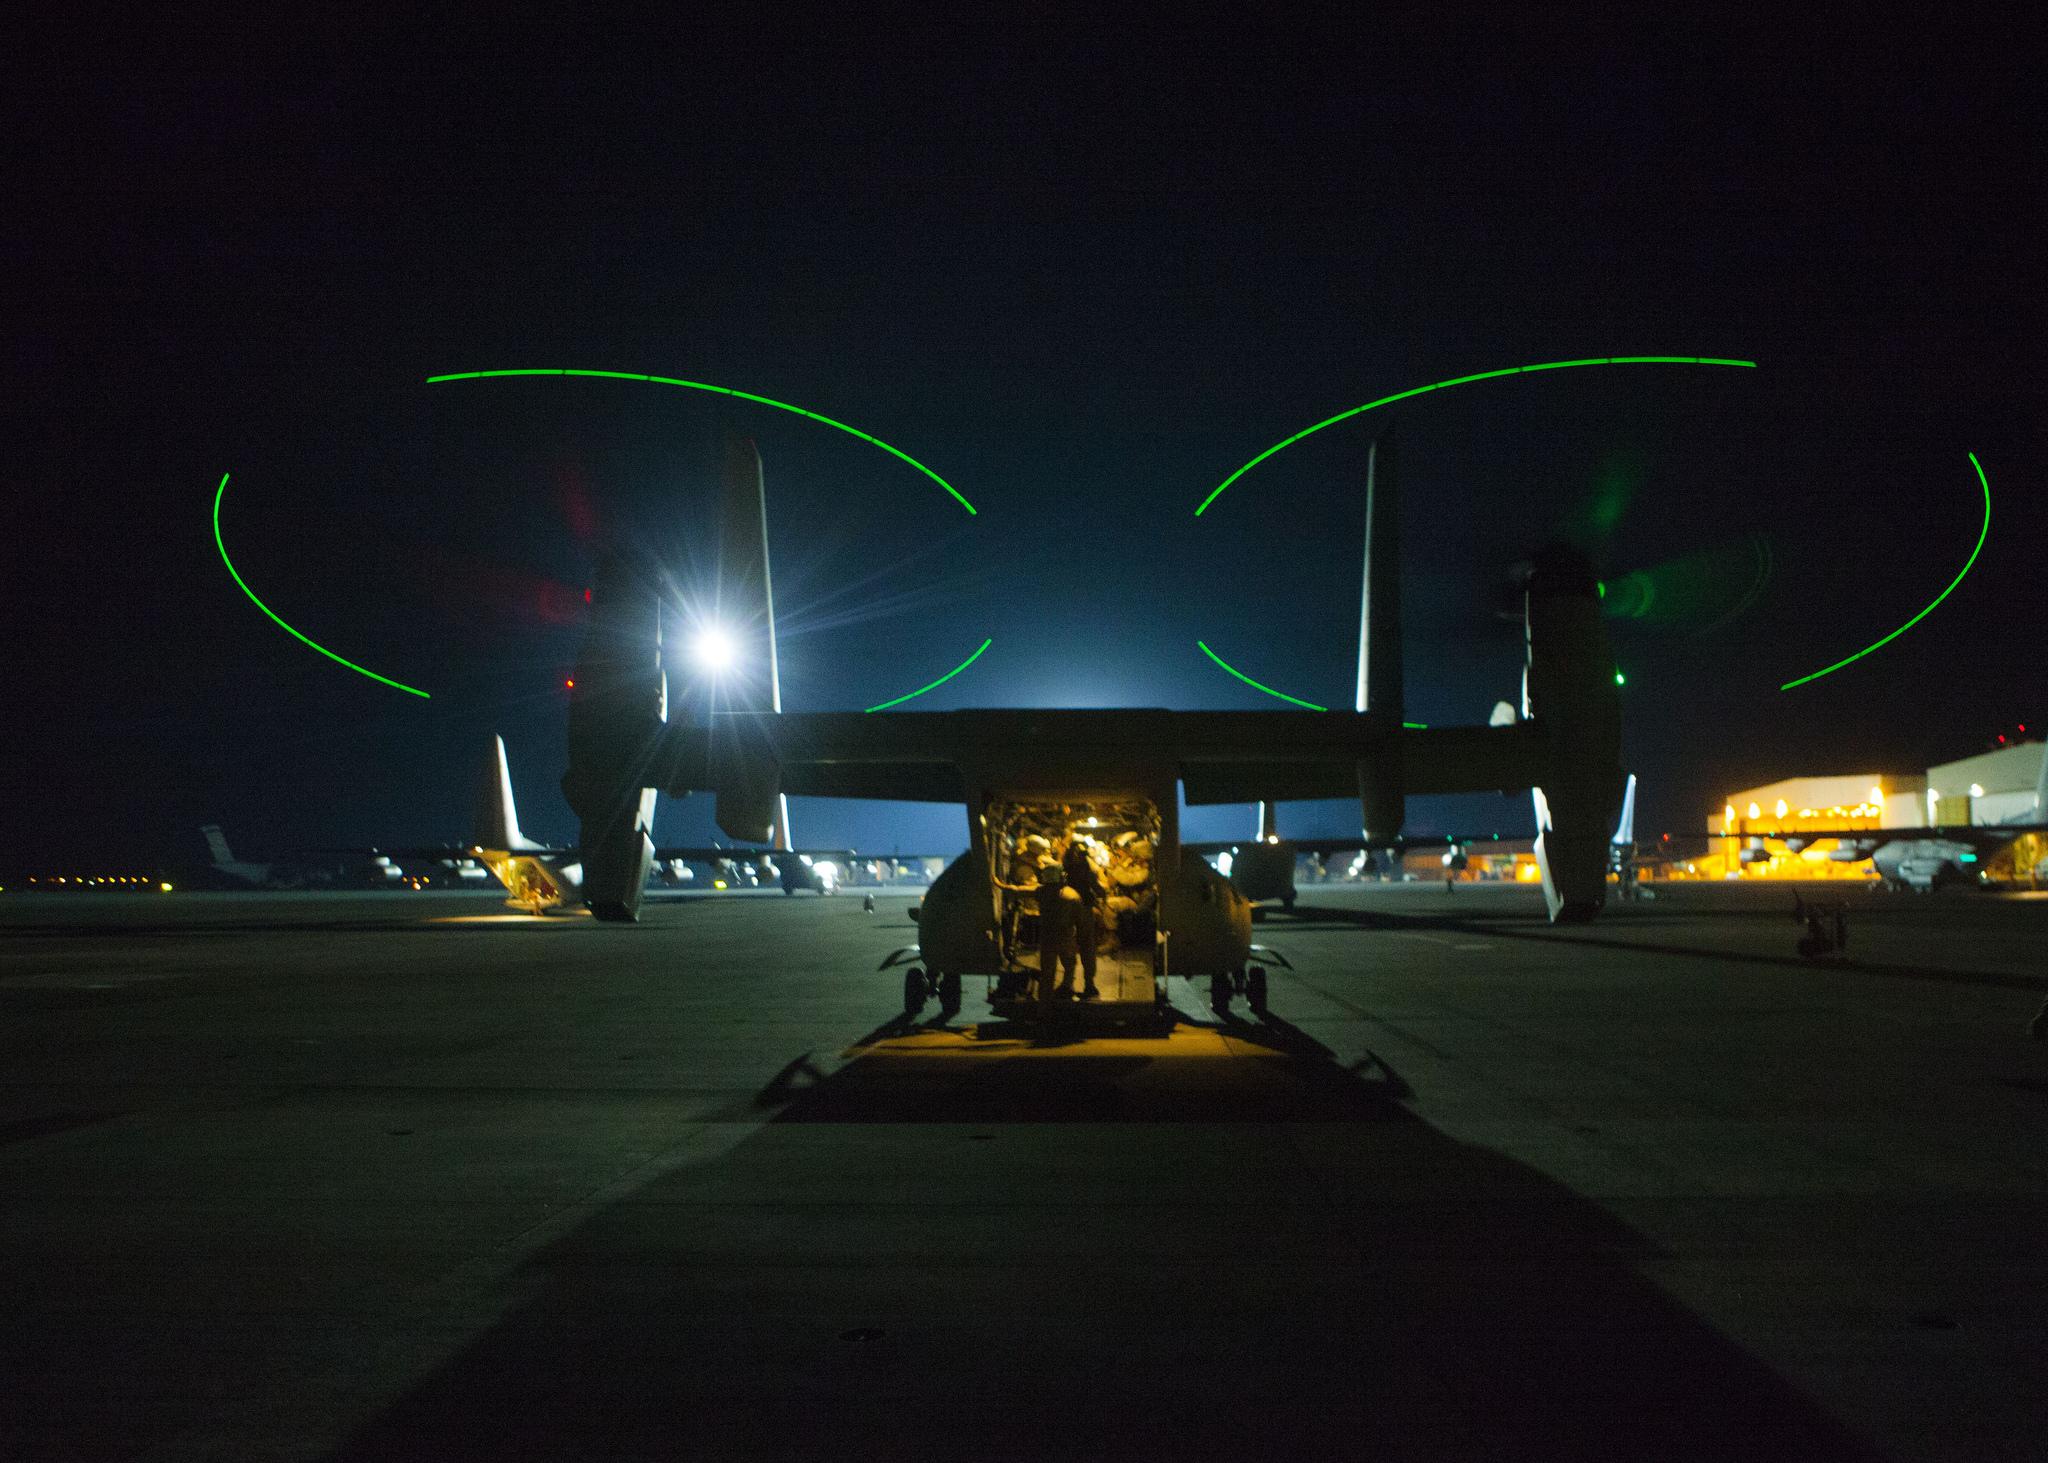 Ultimi controlli per un aereo in partenza da Sigonella. Foto: 1st Lt. Maida Kalic, U.S. Marine Corps/Released